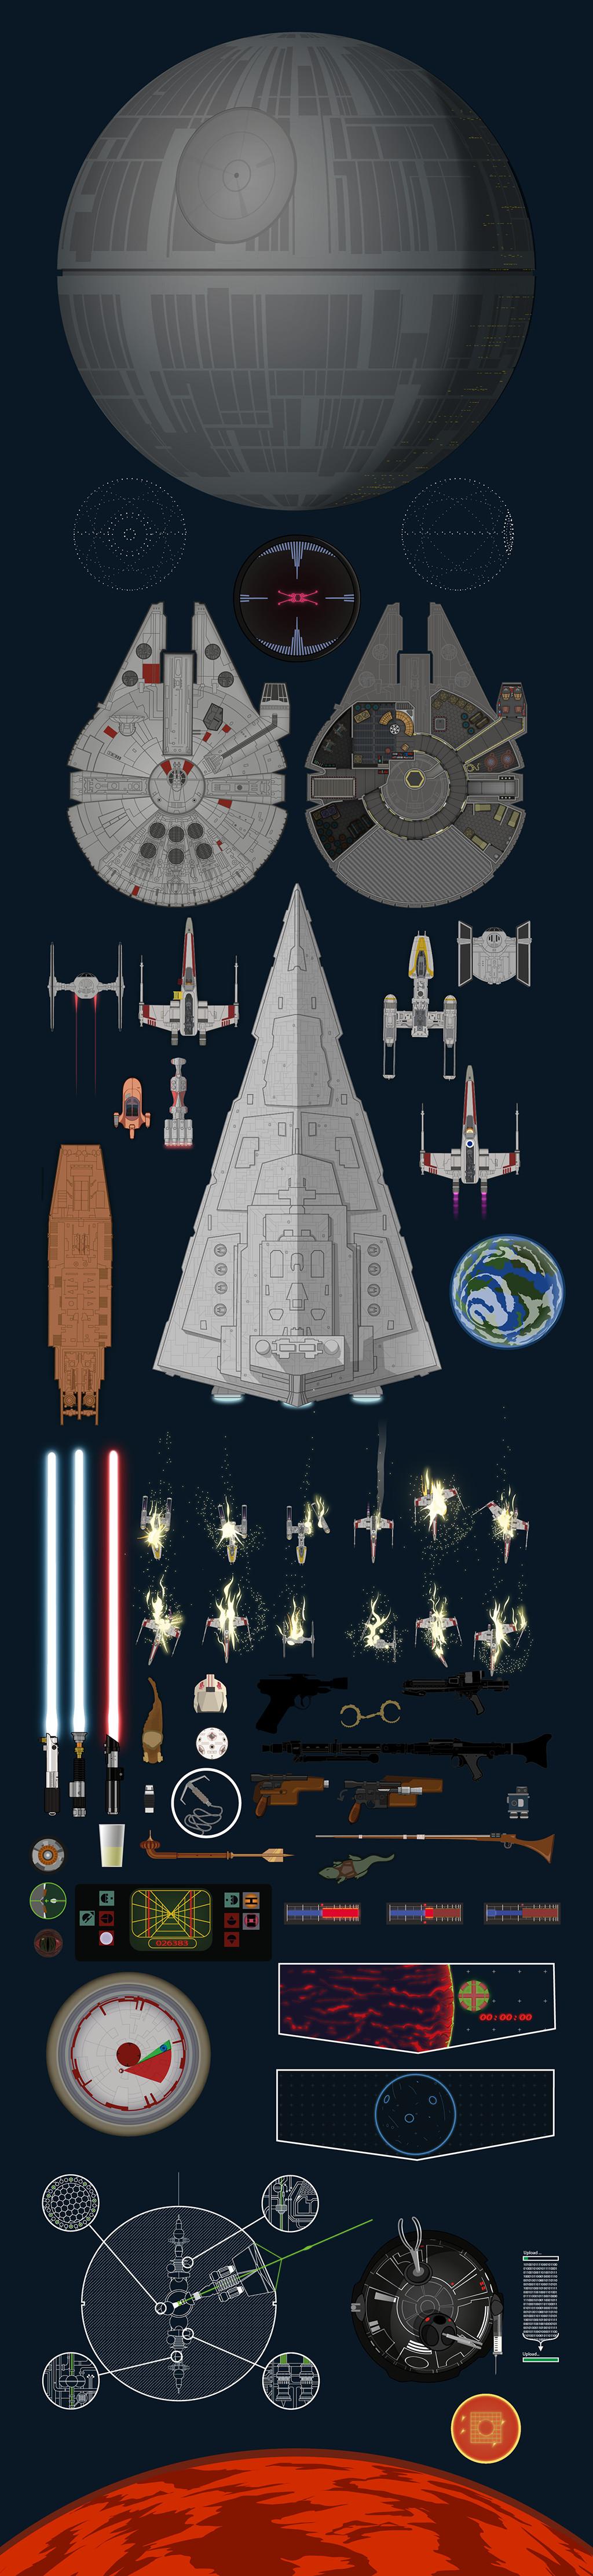 Star Wars Scroll